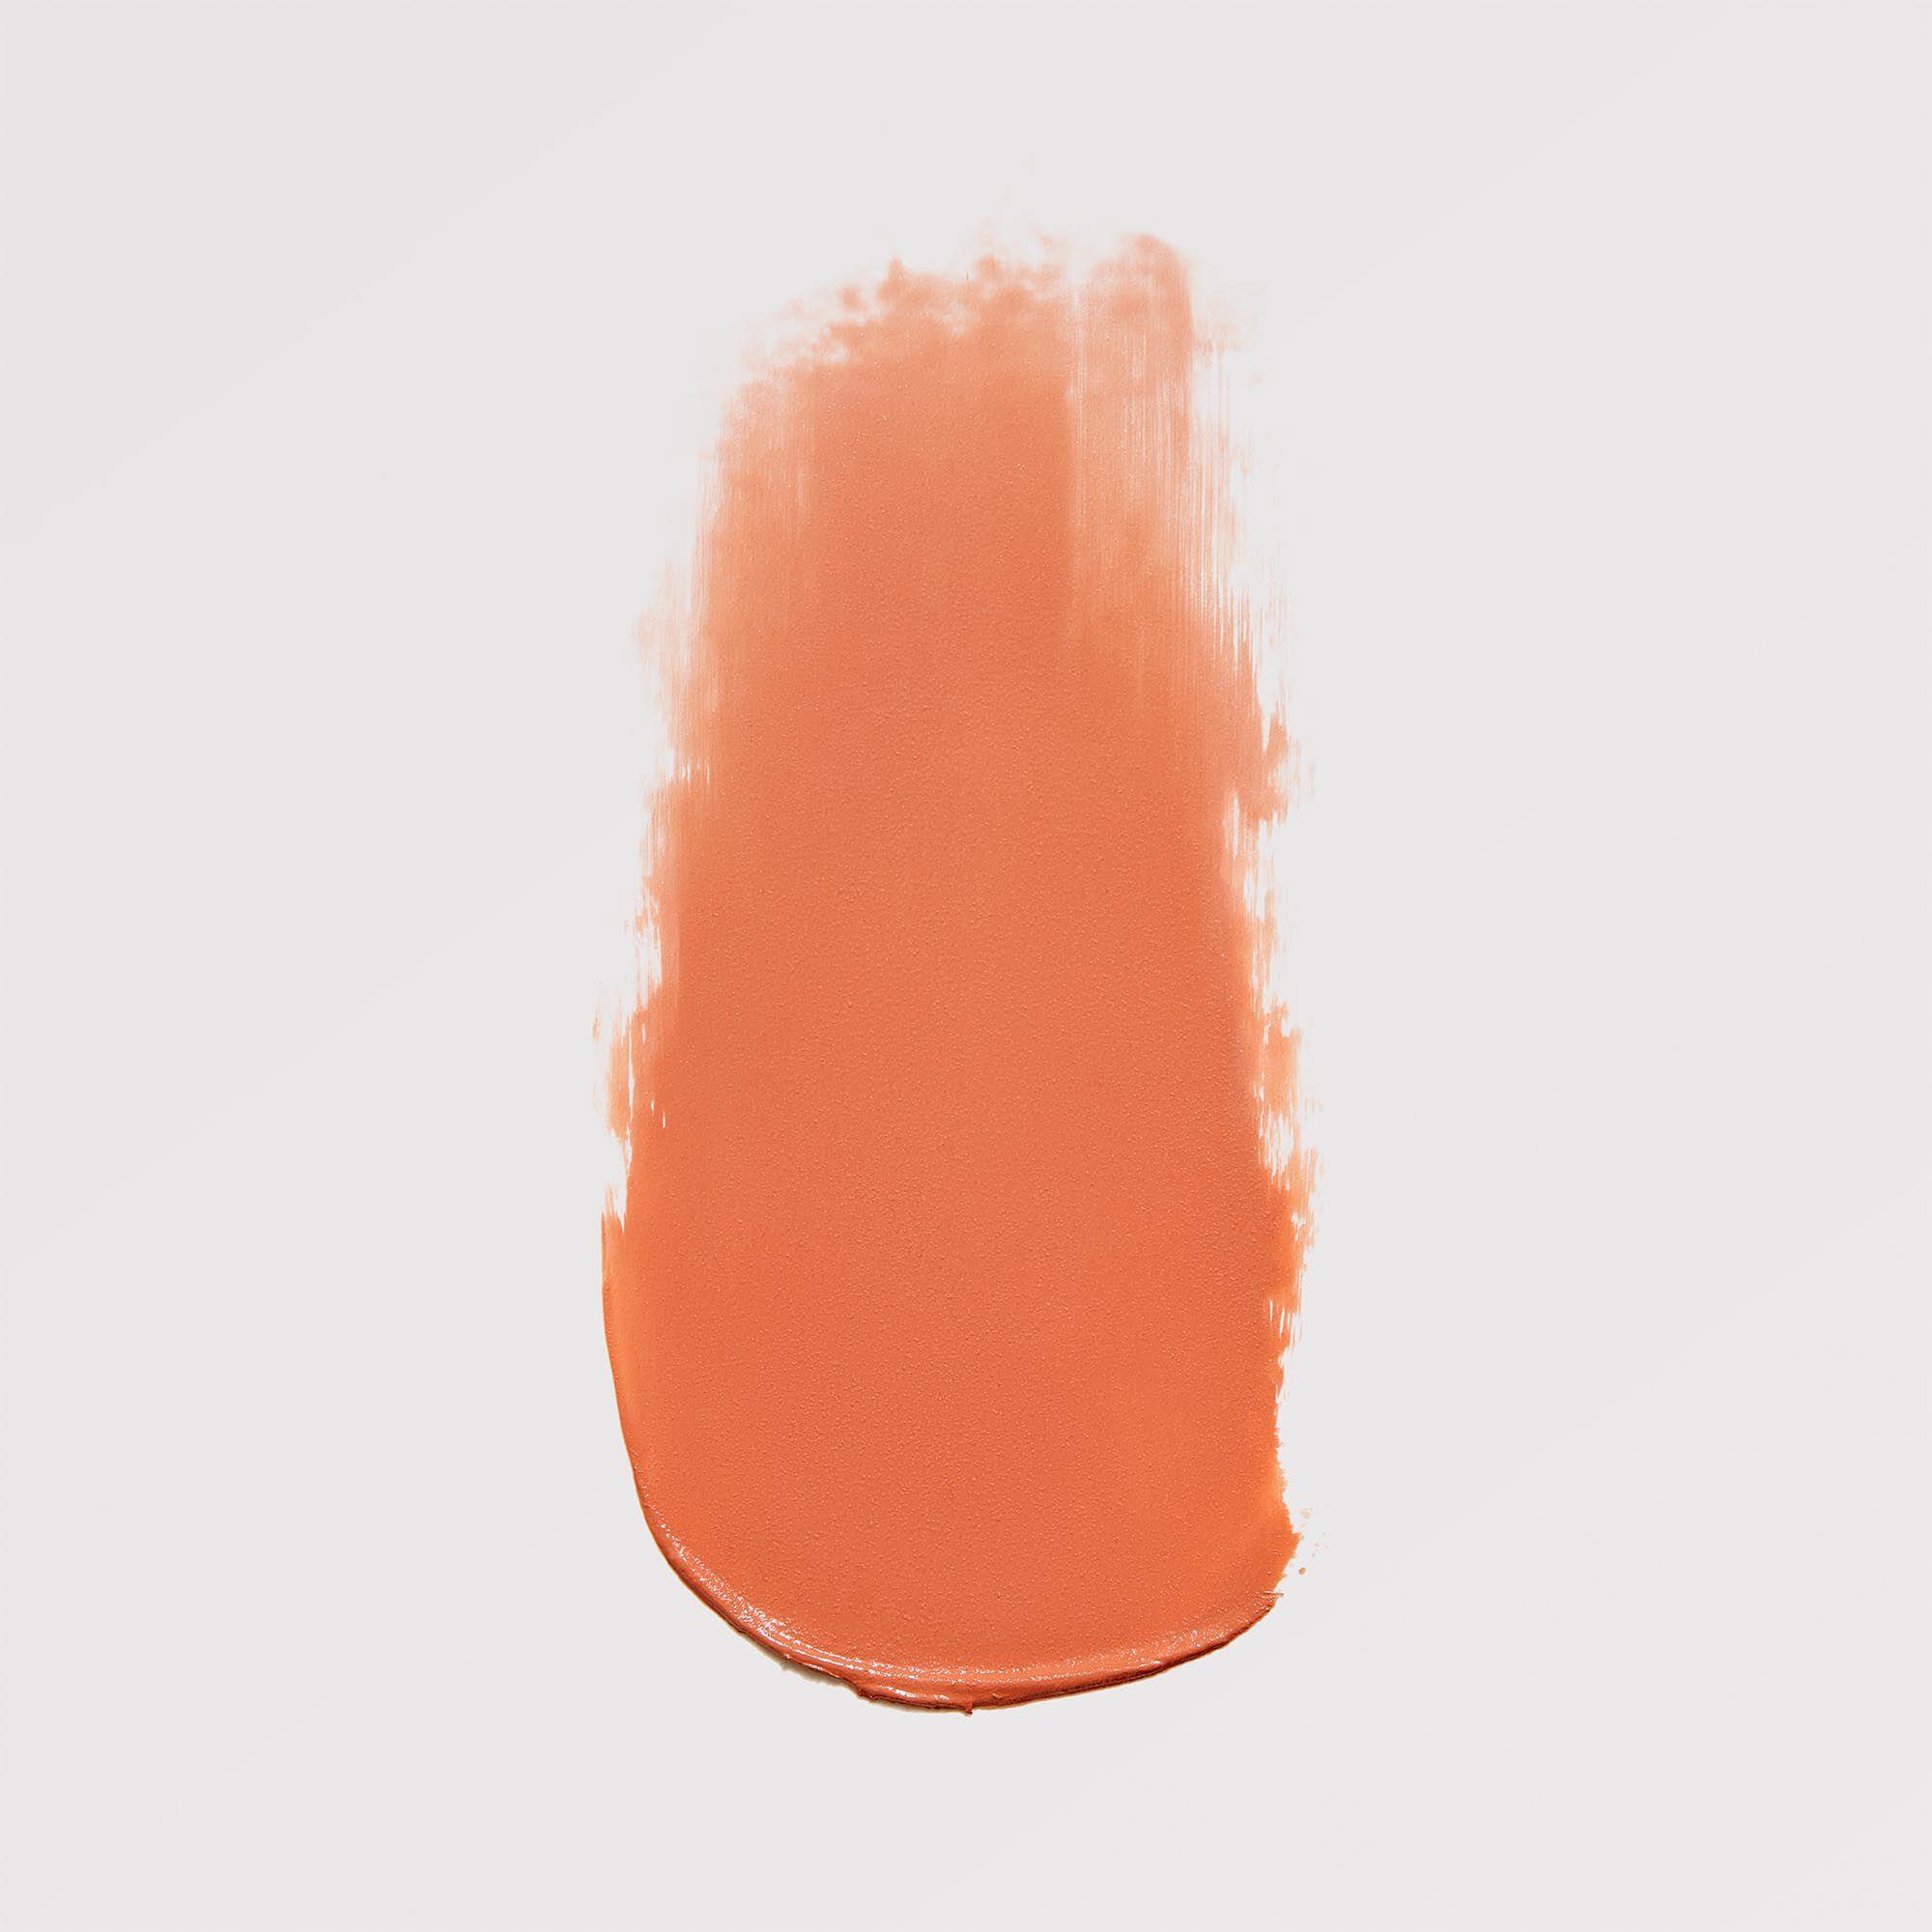 coral peach smear